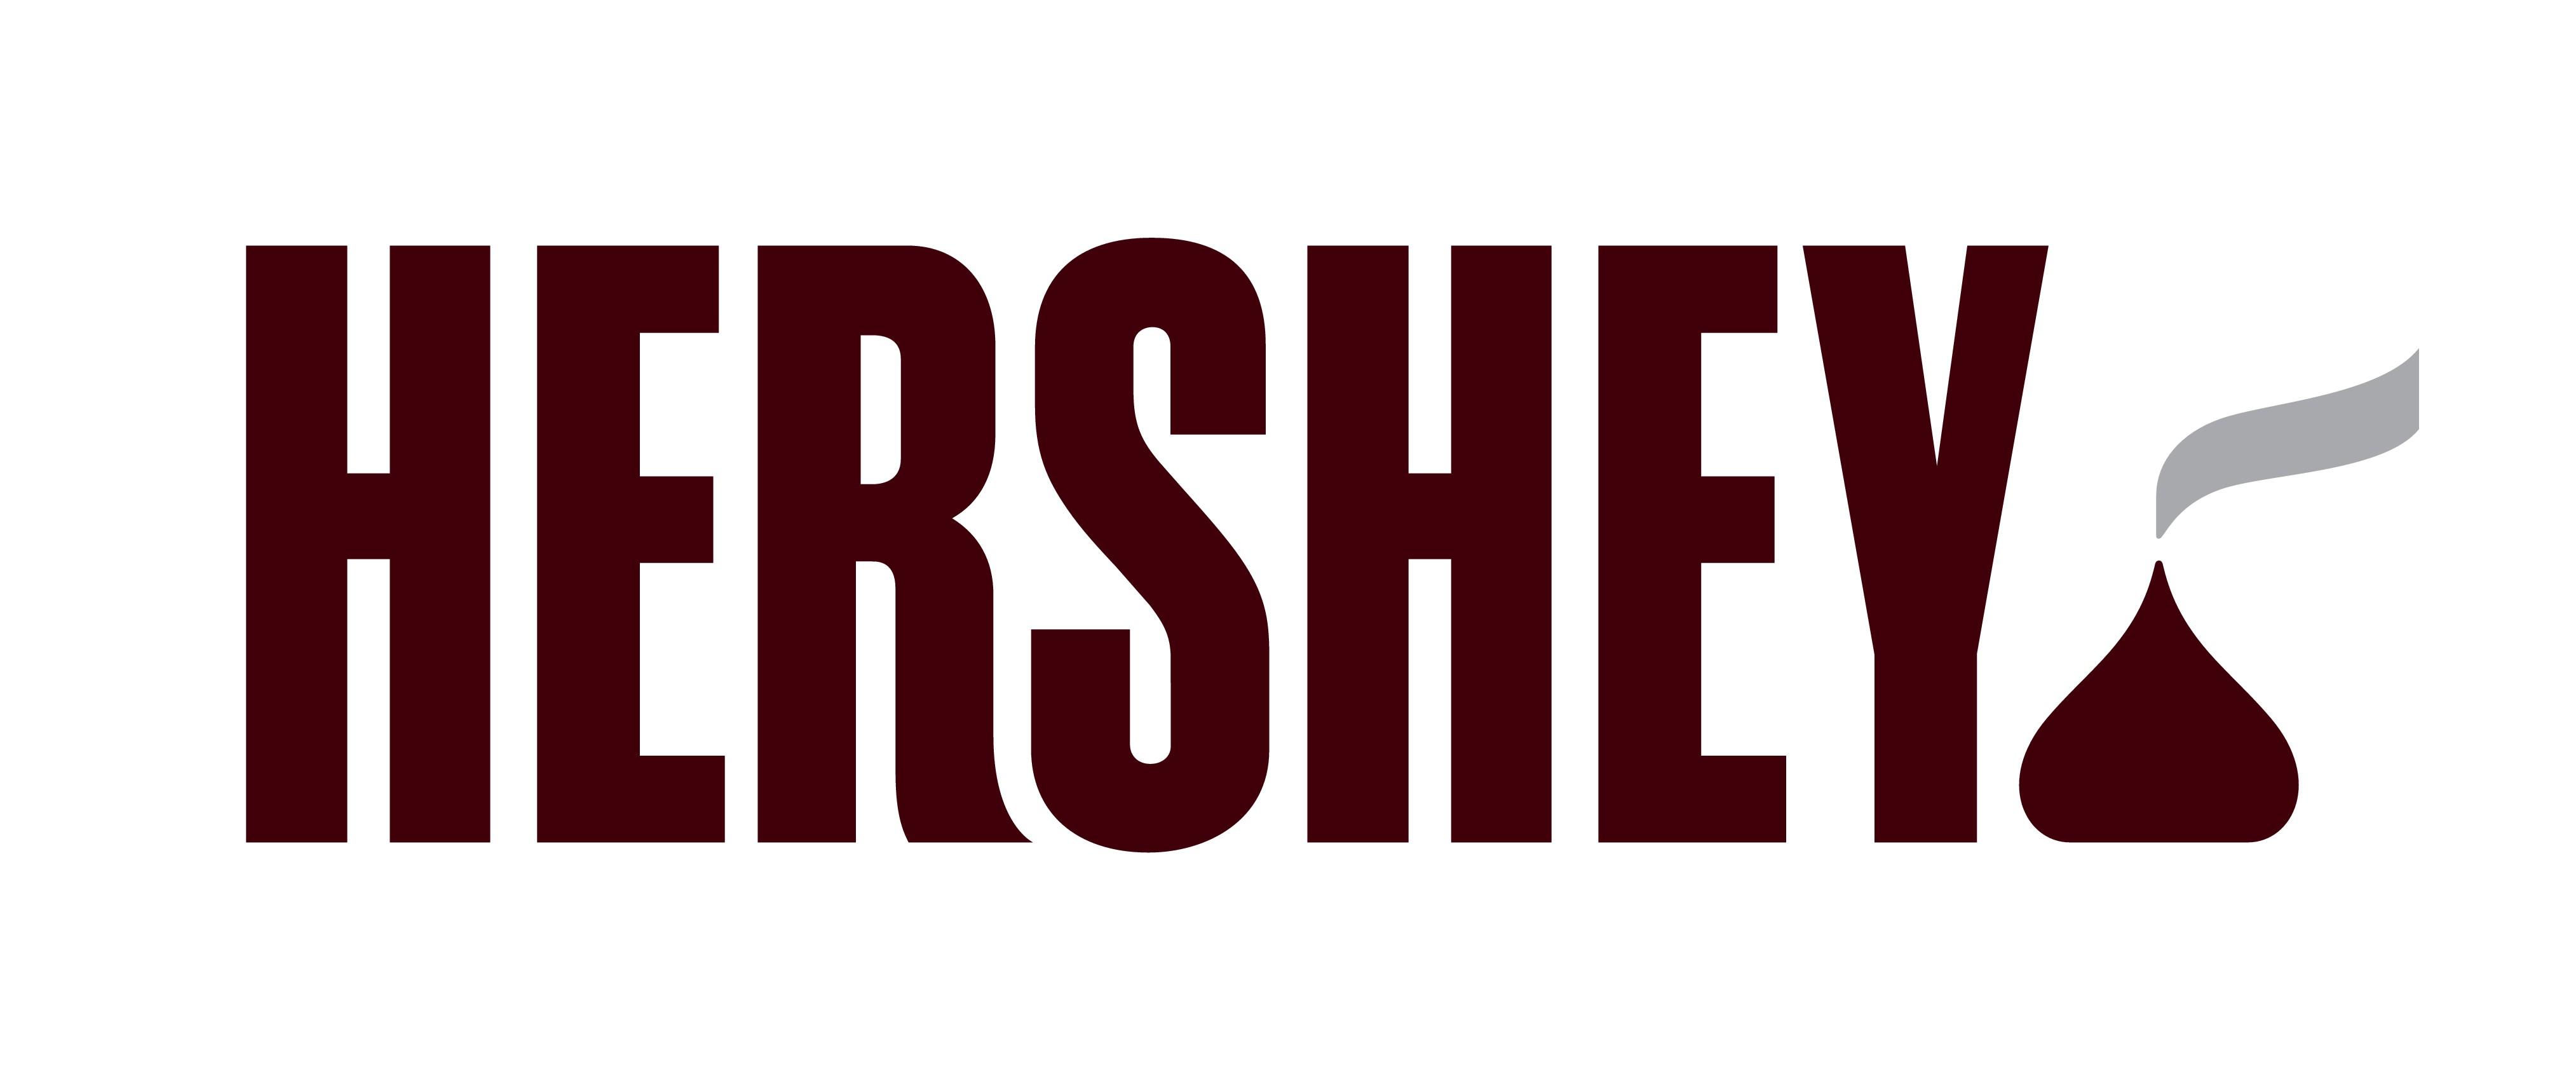 hershey-hi-res